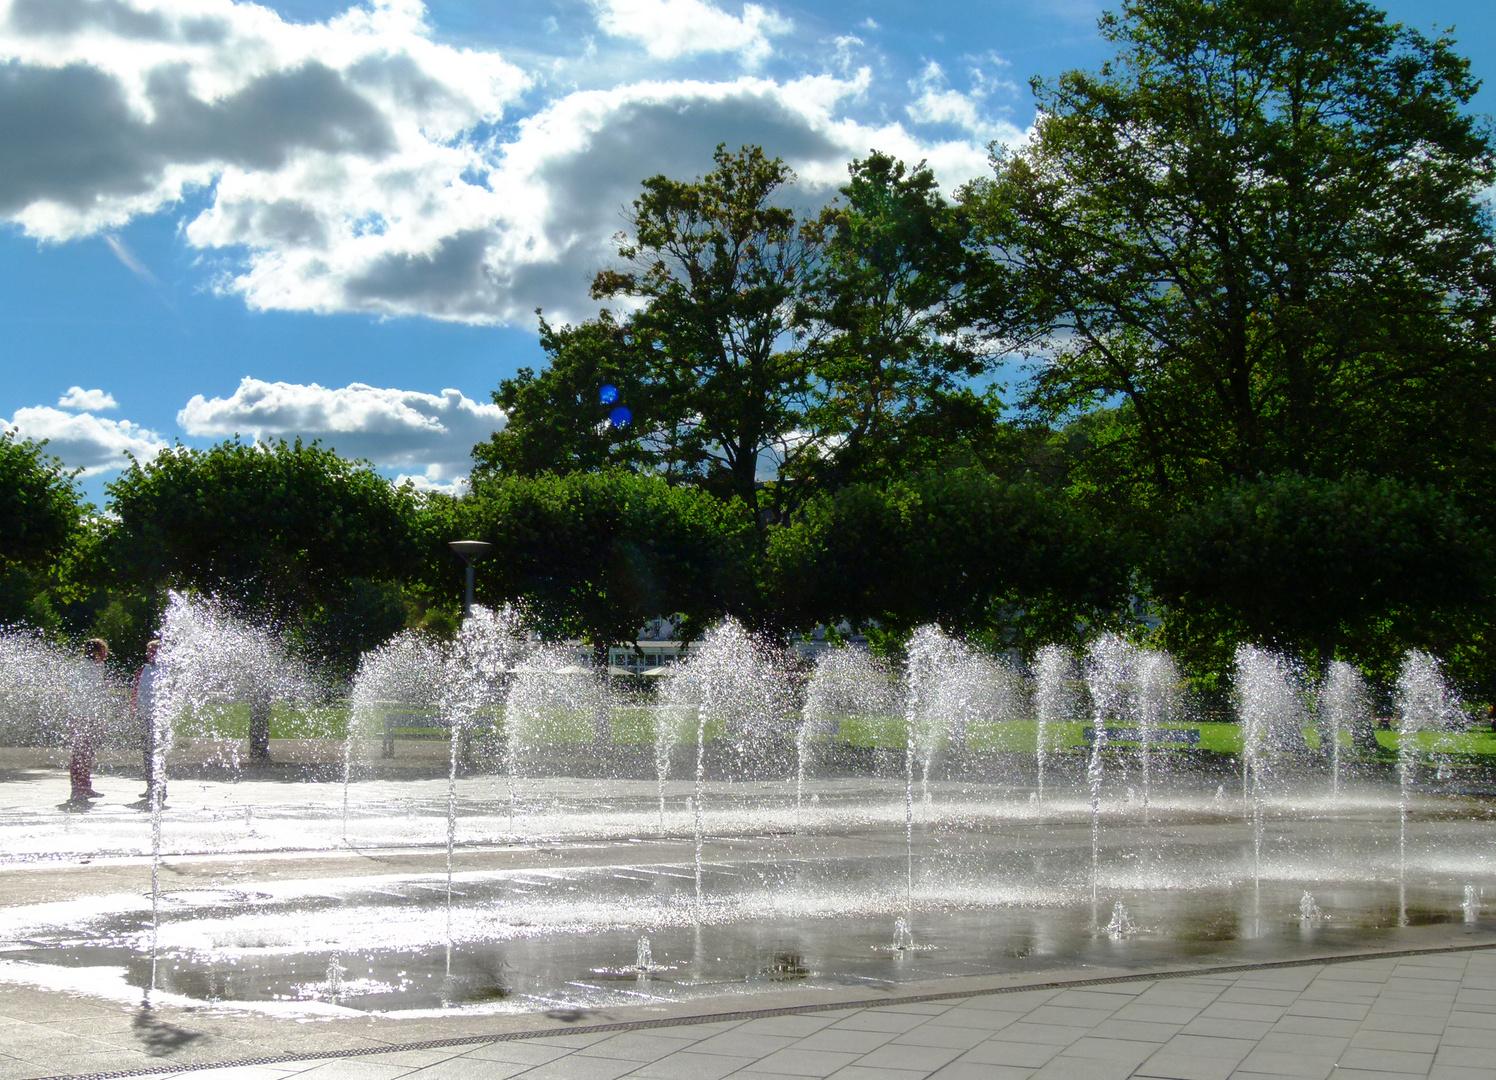 Wasserspiele auf der Promenade